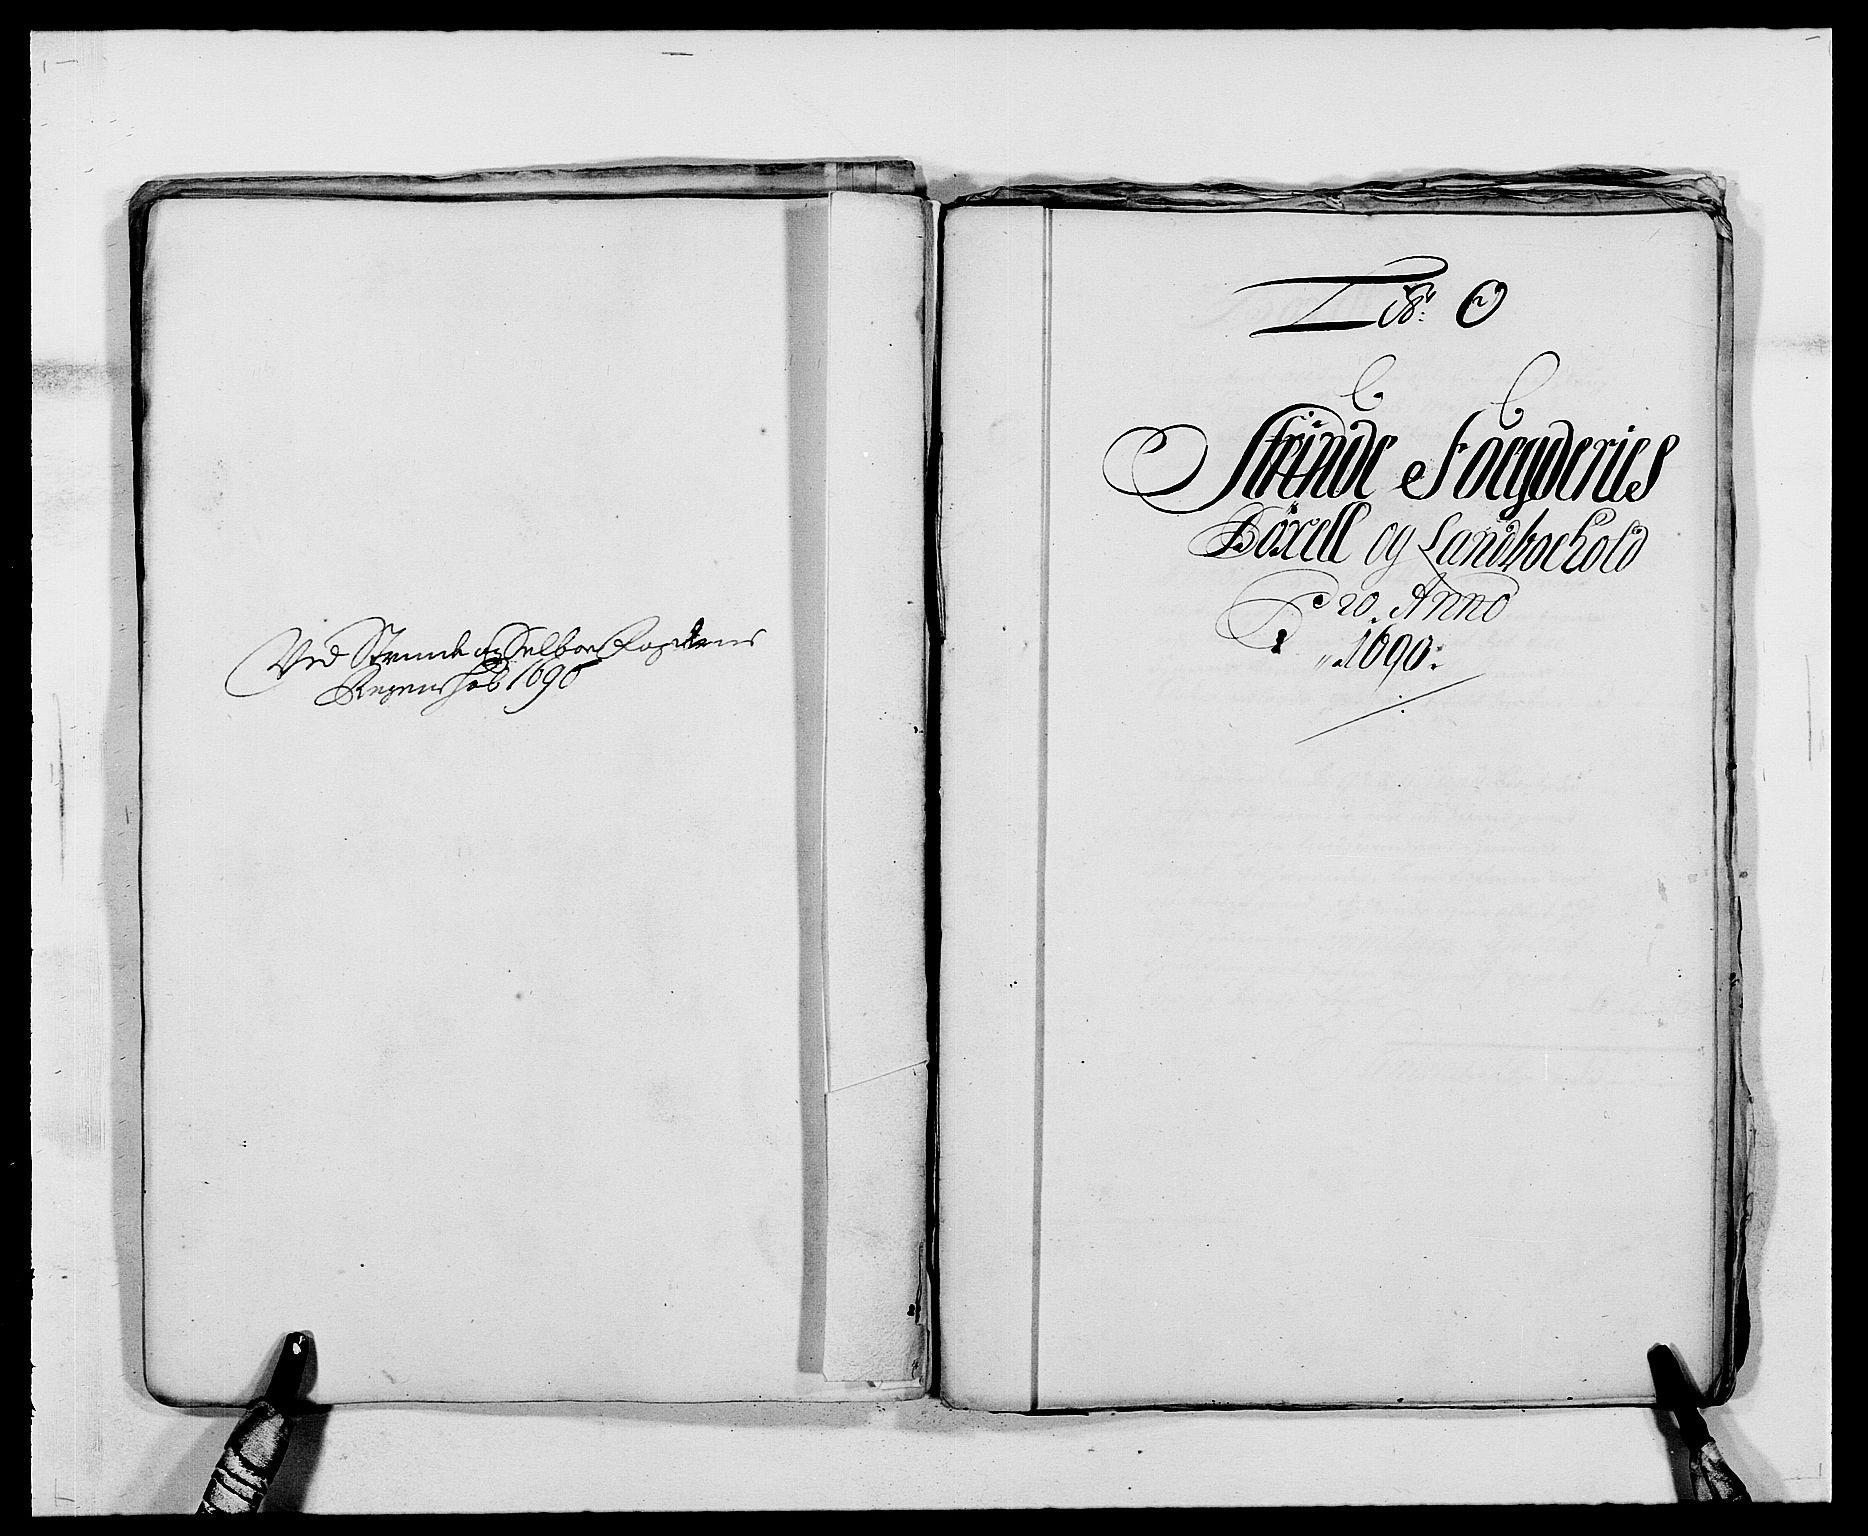 RA, Rentekammeret inntil 1814, Reviderte regnskaper, Fogderegnskap, R61/L4102: Fogderegnskap Strinda og Selbu, 1689-1690, s. 256